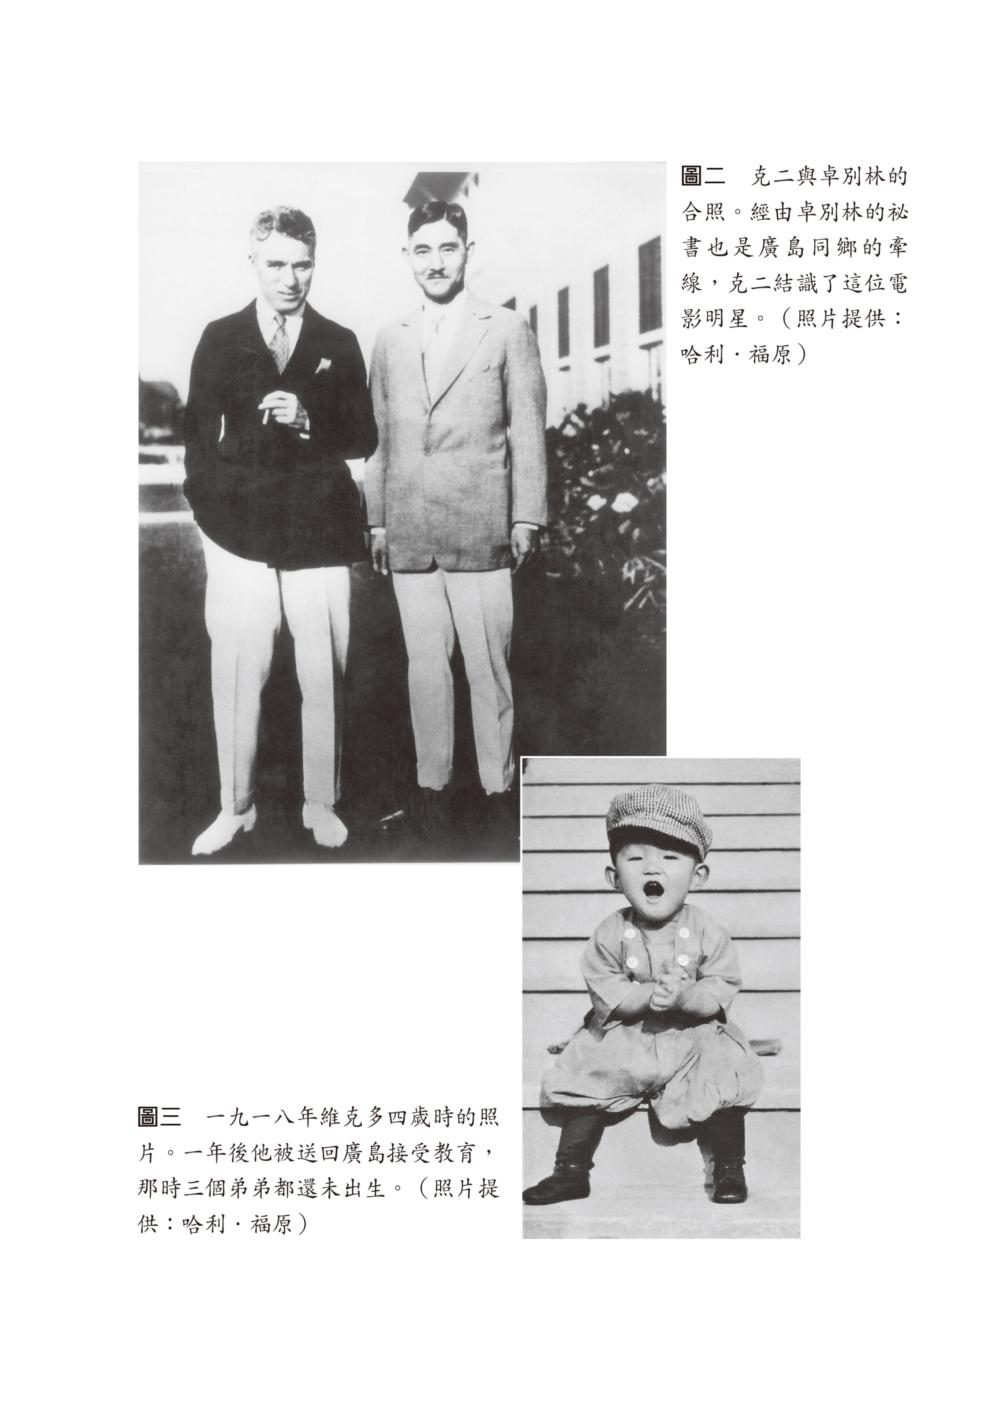 http://im1.book.com.tw/image/getImage?i=http://www.books.com.tw/img/001/076/02/0010760204_b_02.jpg&v=597c0c7c&w=655&h=609